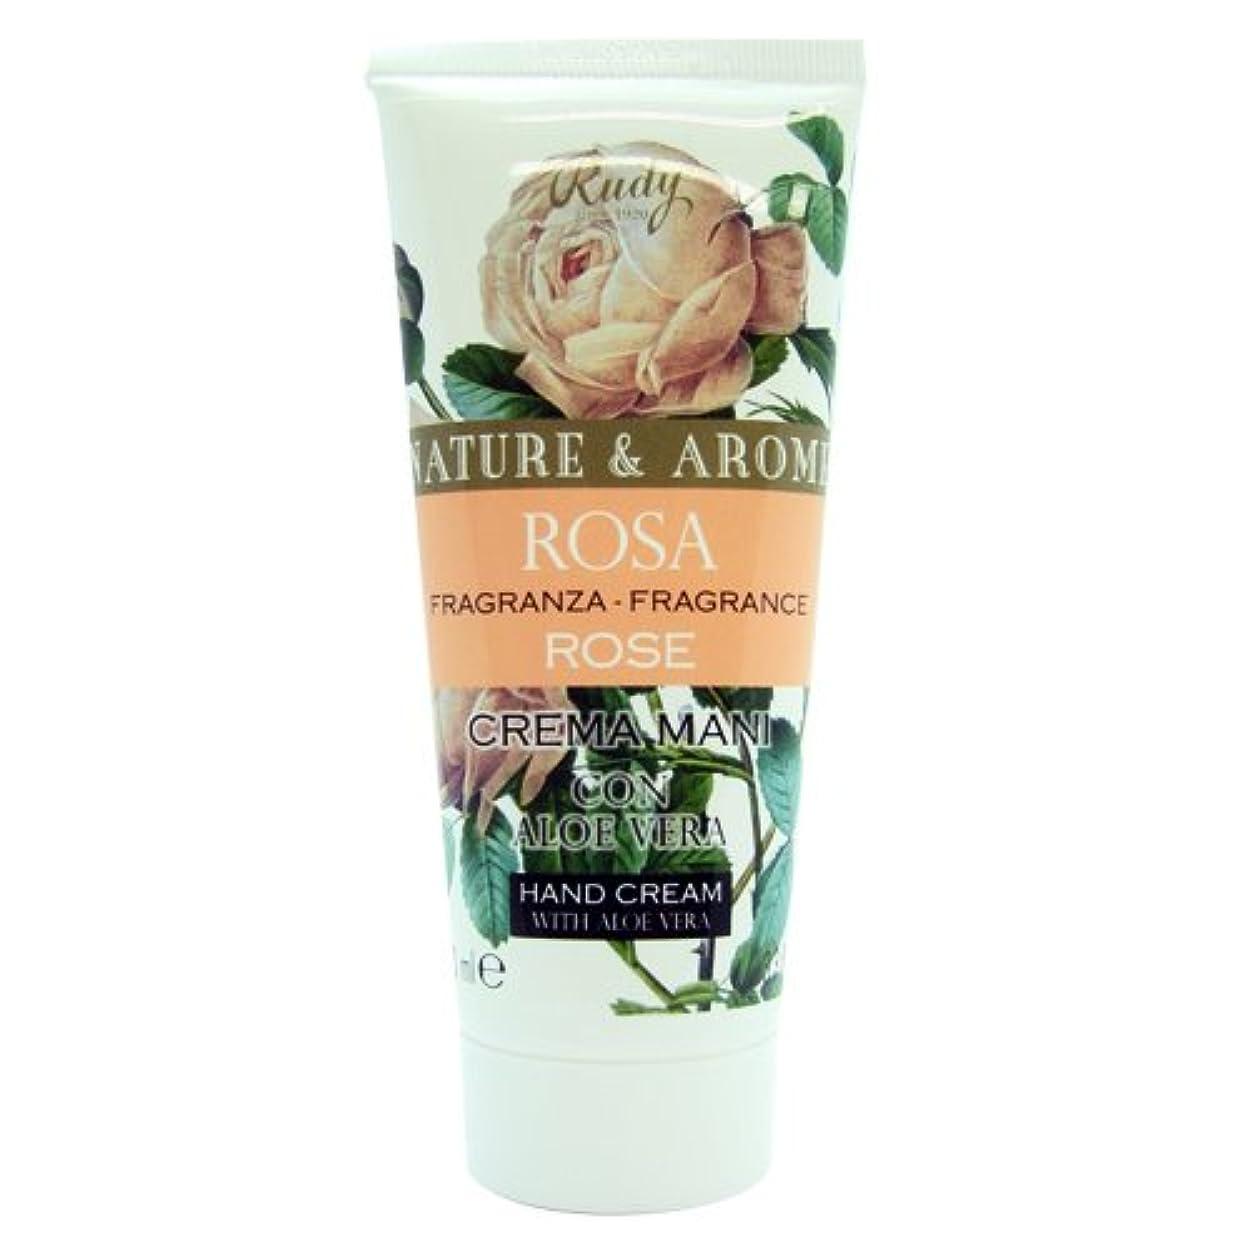 涙が出る美徳医療過誤RUDY Nature&Arome SERIES ルディ ナチュール&アロマ Hand Cream ハンドクリーム Rose ローズ